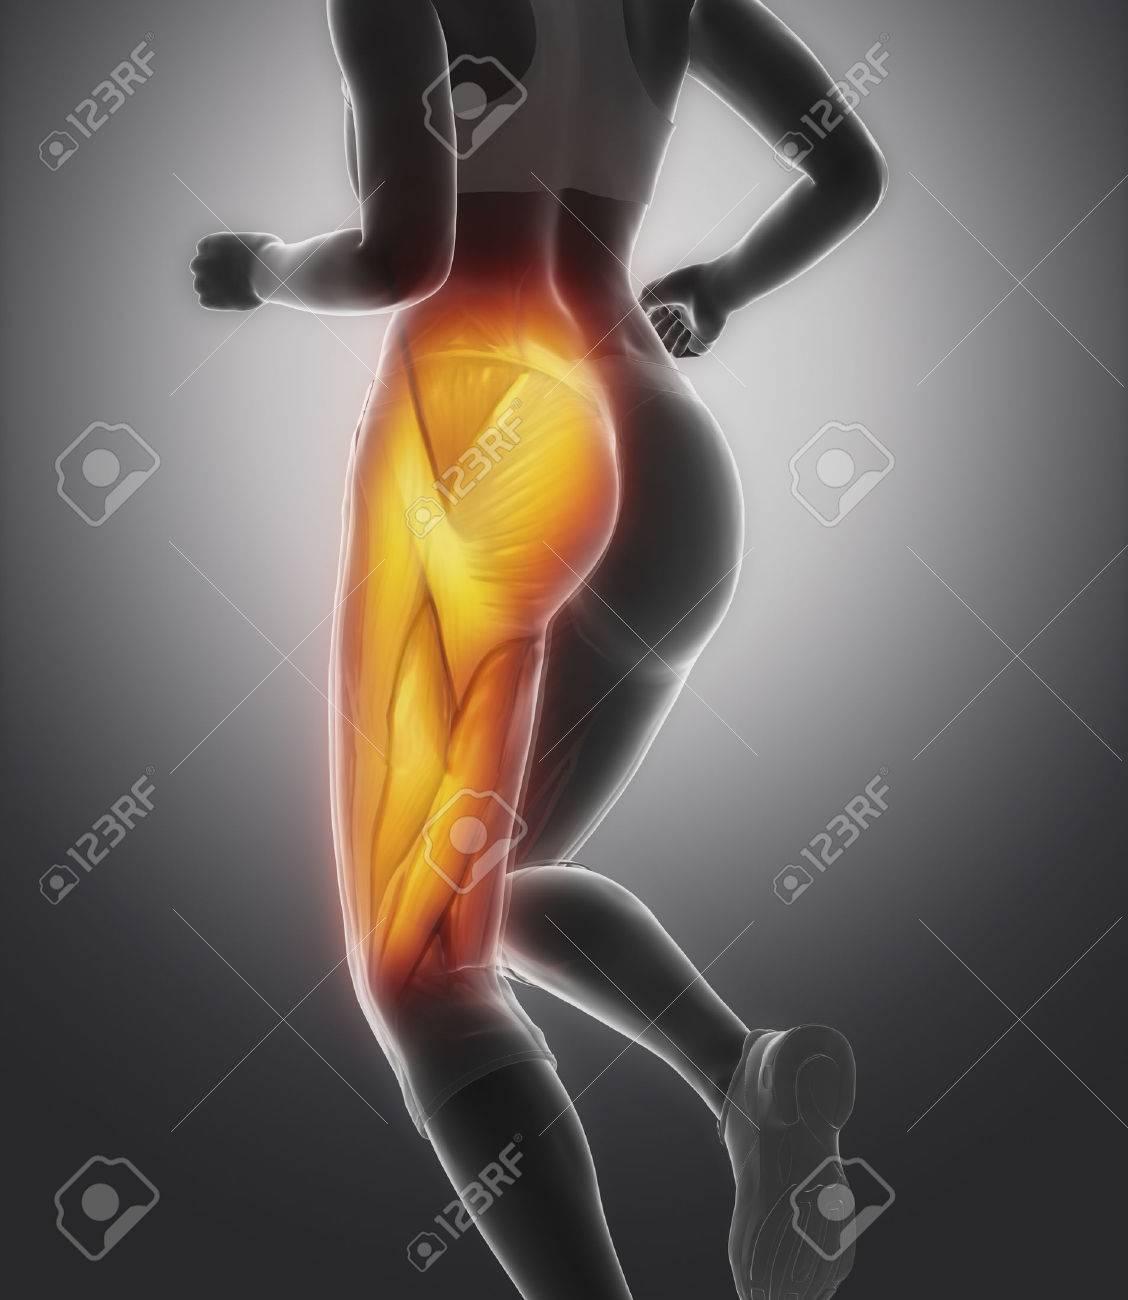 El Músculo Del Muslo Anatomía Femenina Fotos, Retratos, Imágenes Y ...